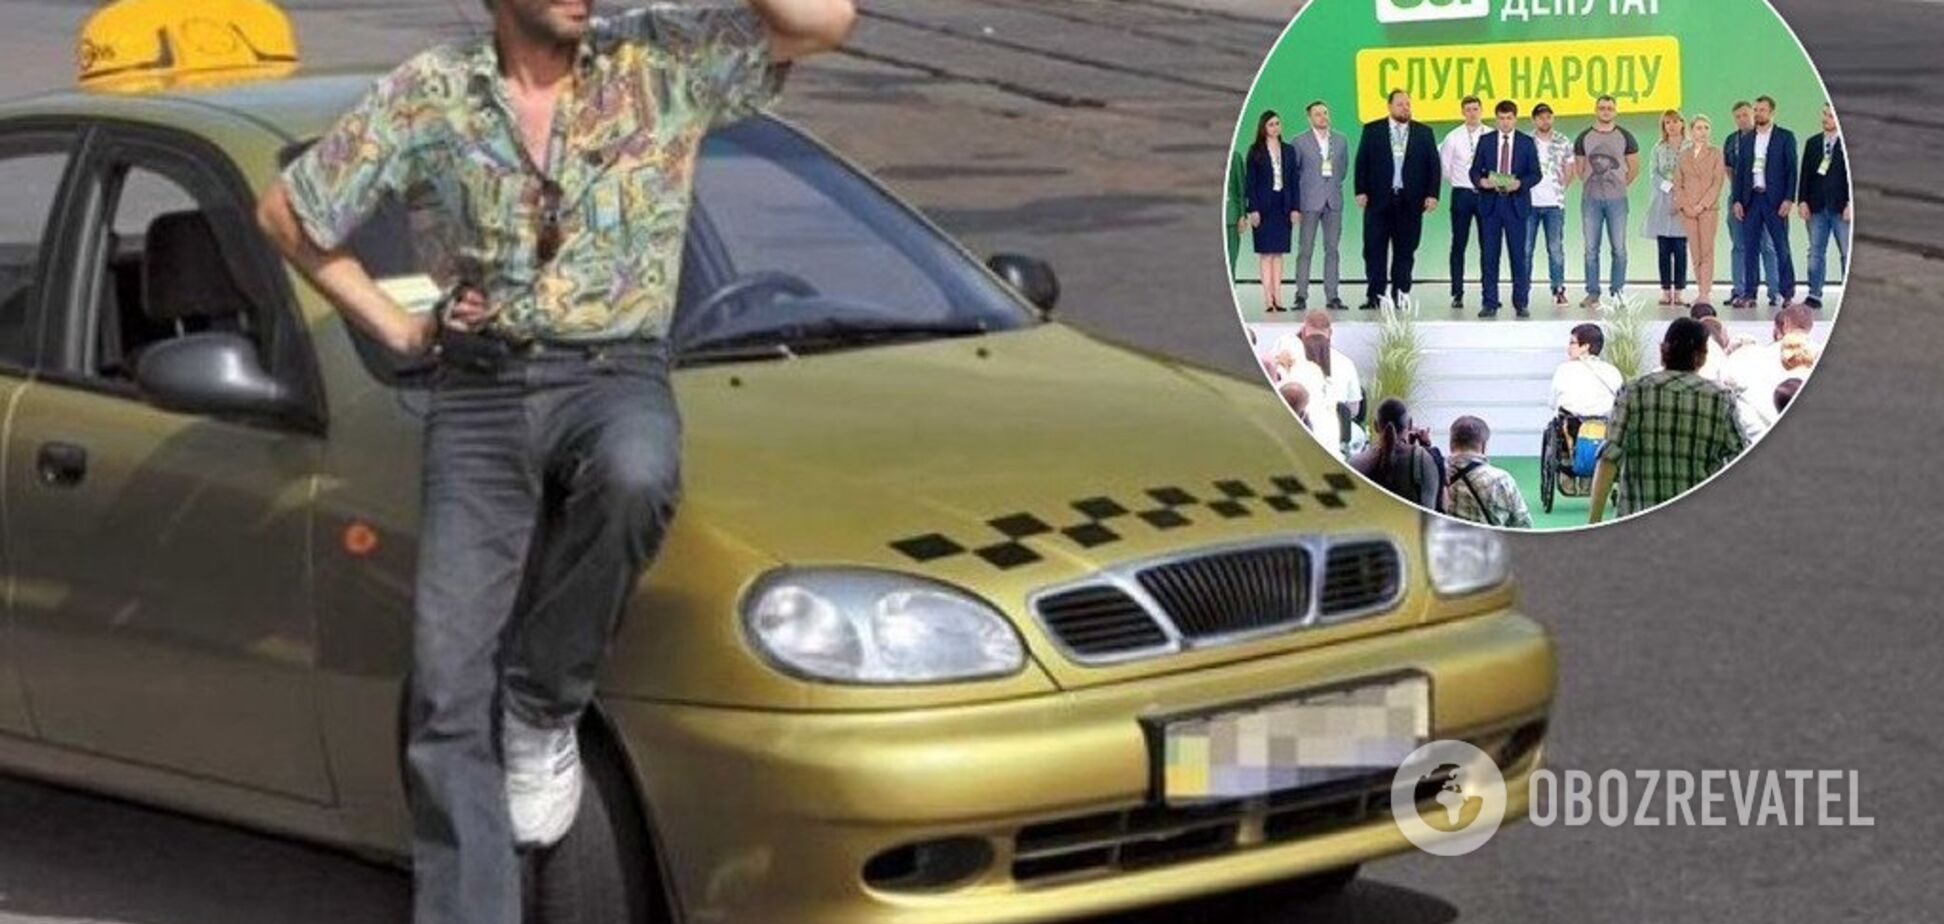 Таксистов обложат налогами? Подробности резонансной идеи 'Слуги народа'